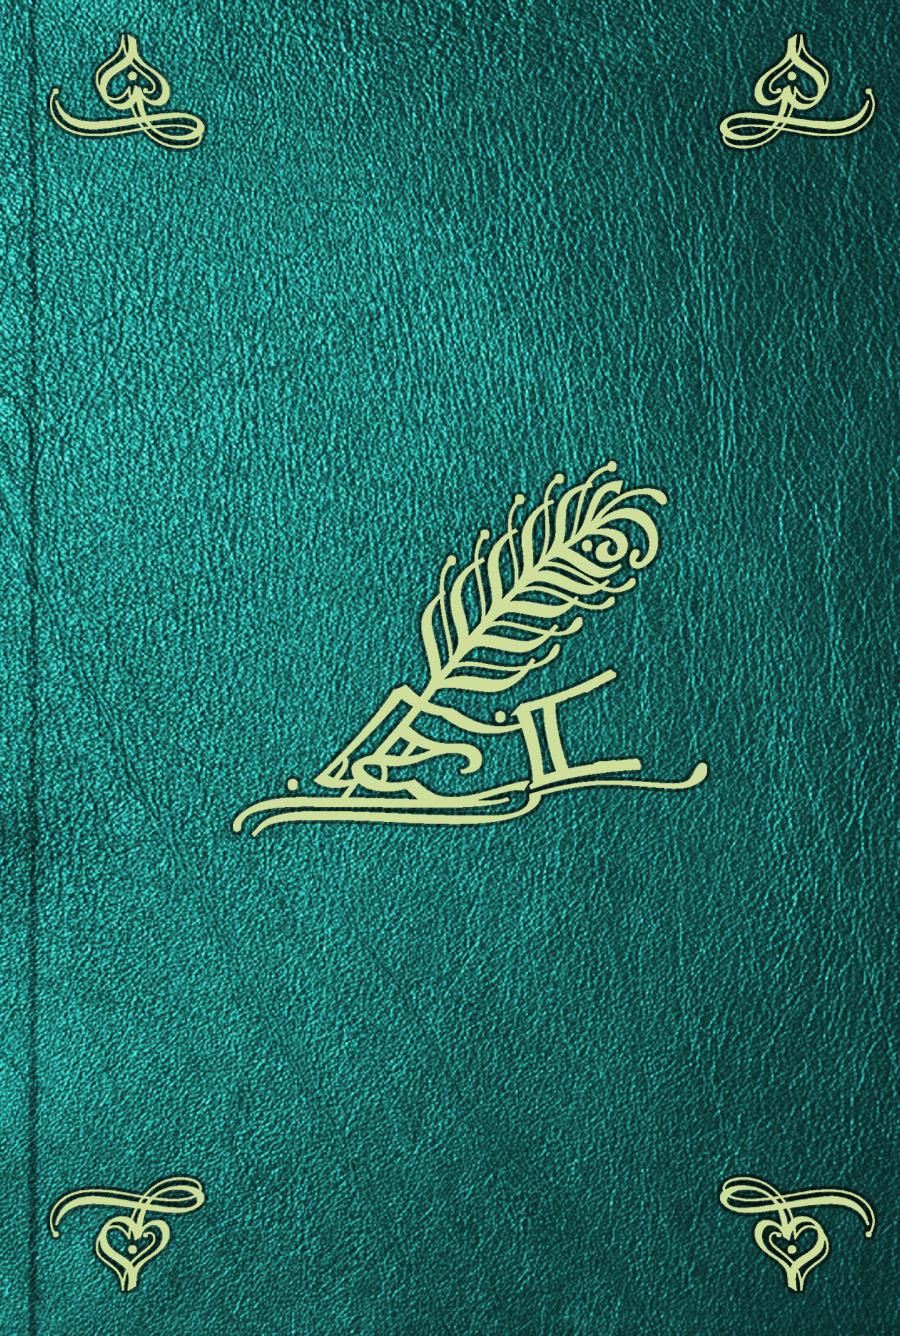 Comte de Buffon Georges Louis Leclerc Histoire naturelle. T. 16. Oiseaux comte de buffon georges louis leclerc histoire naturelle t 6 oiseaux